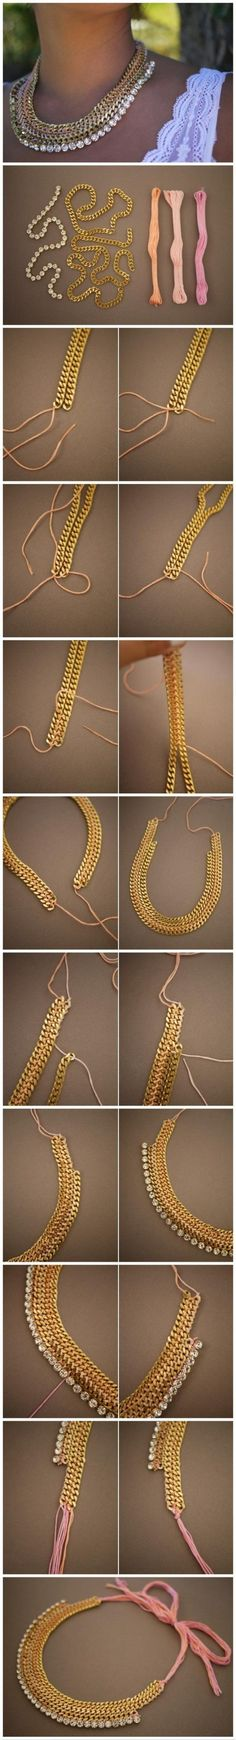 fabrication d'un collier avec des chainettes